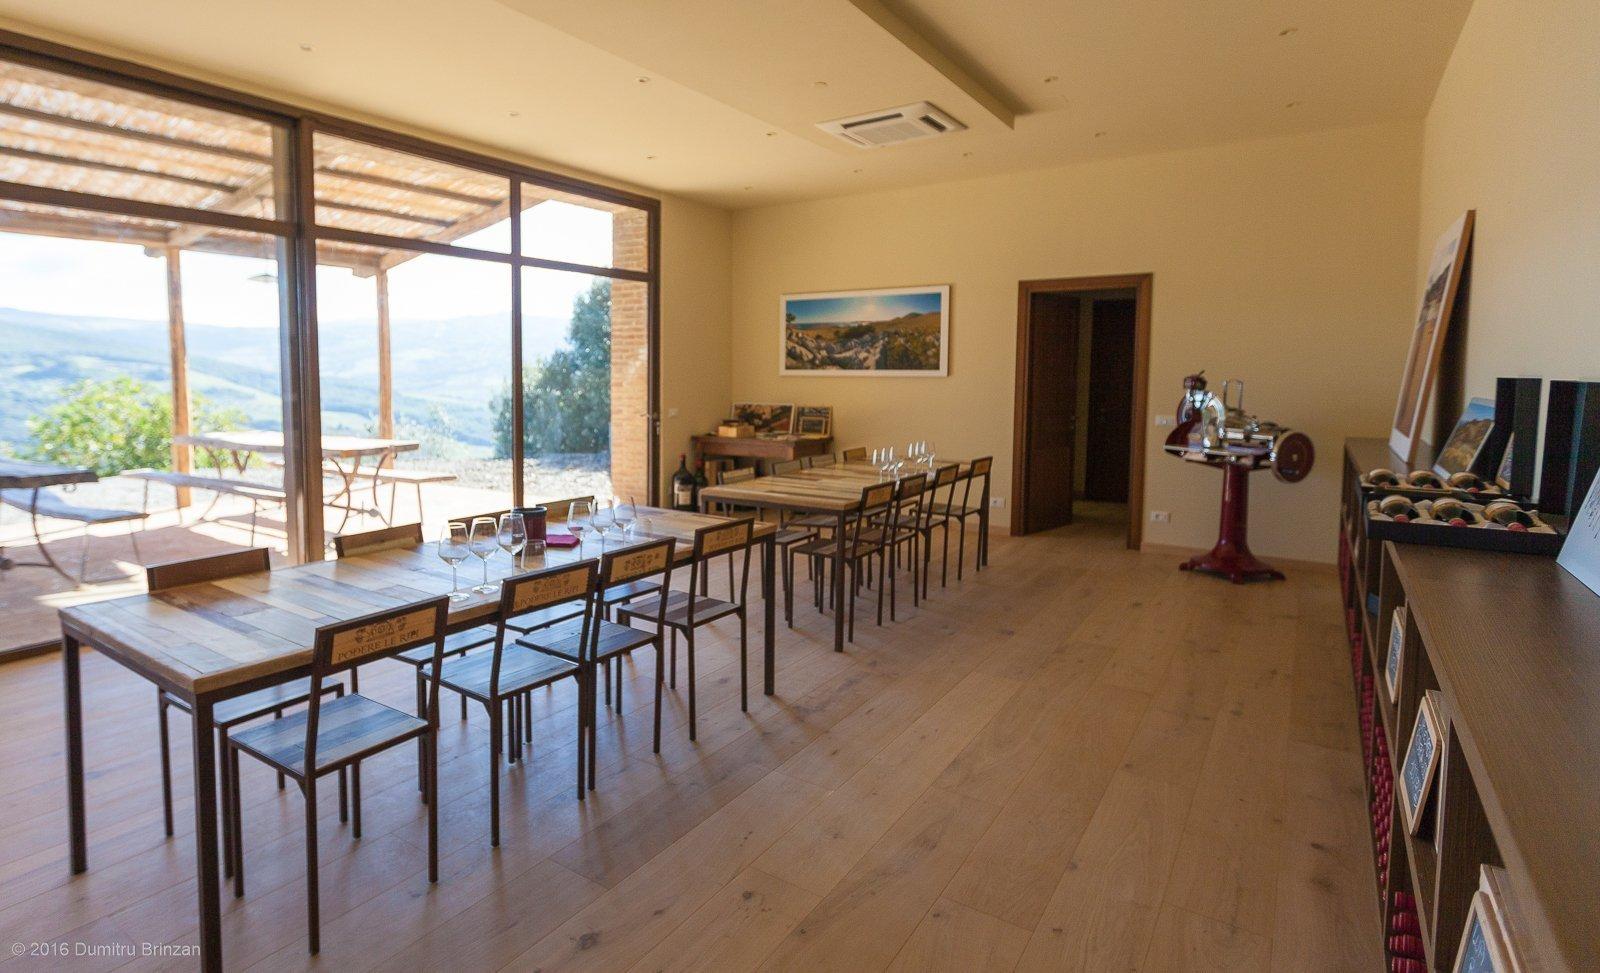 2016-podere-le-ripi-winery-montalcino-25